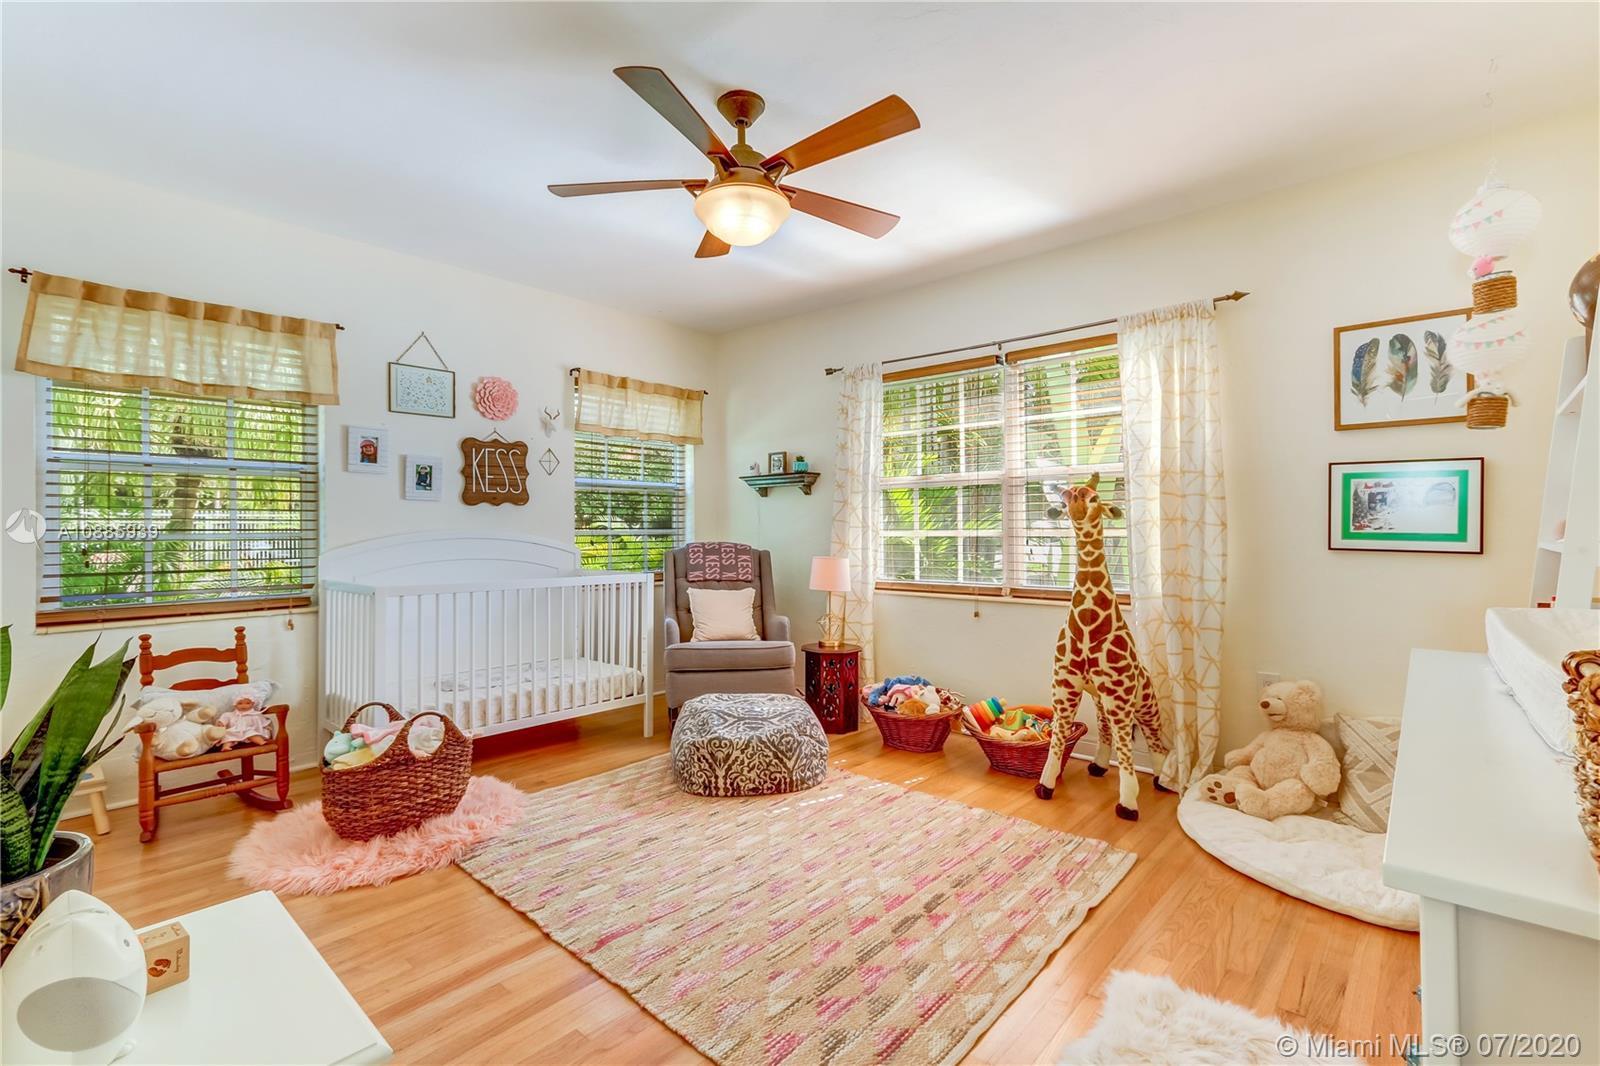 2201 Tequesta Way, Miami, Florida 33133, 3 Bedrooms Bedrooms, ,3 BathroomsBathrooms,Residential,For Sale,2201 Tequesta Way,A10885939